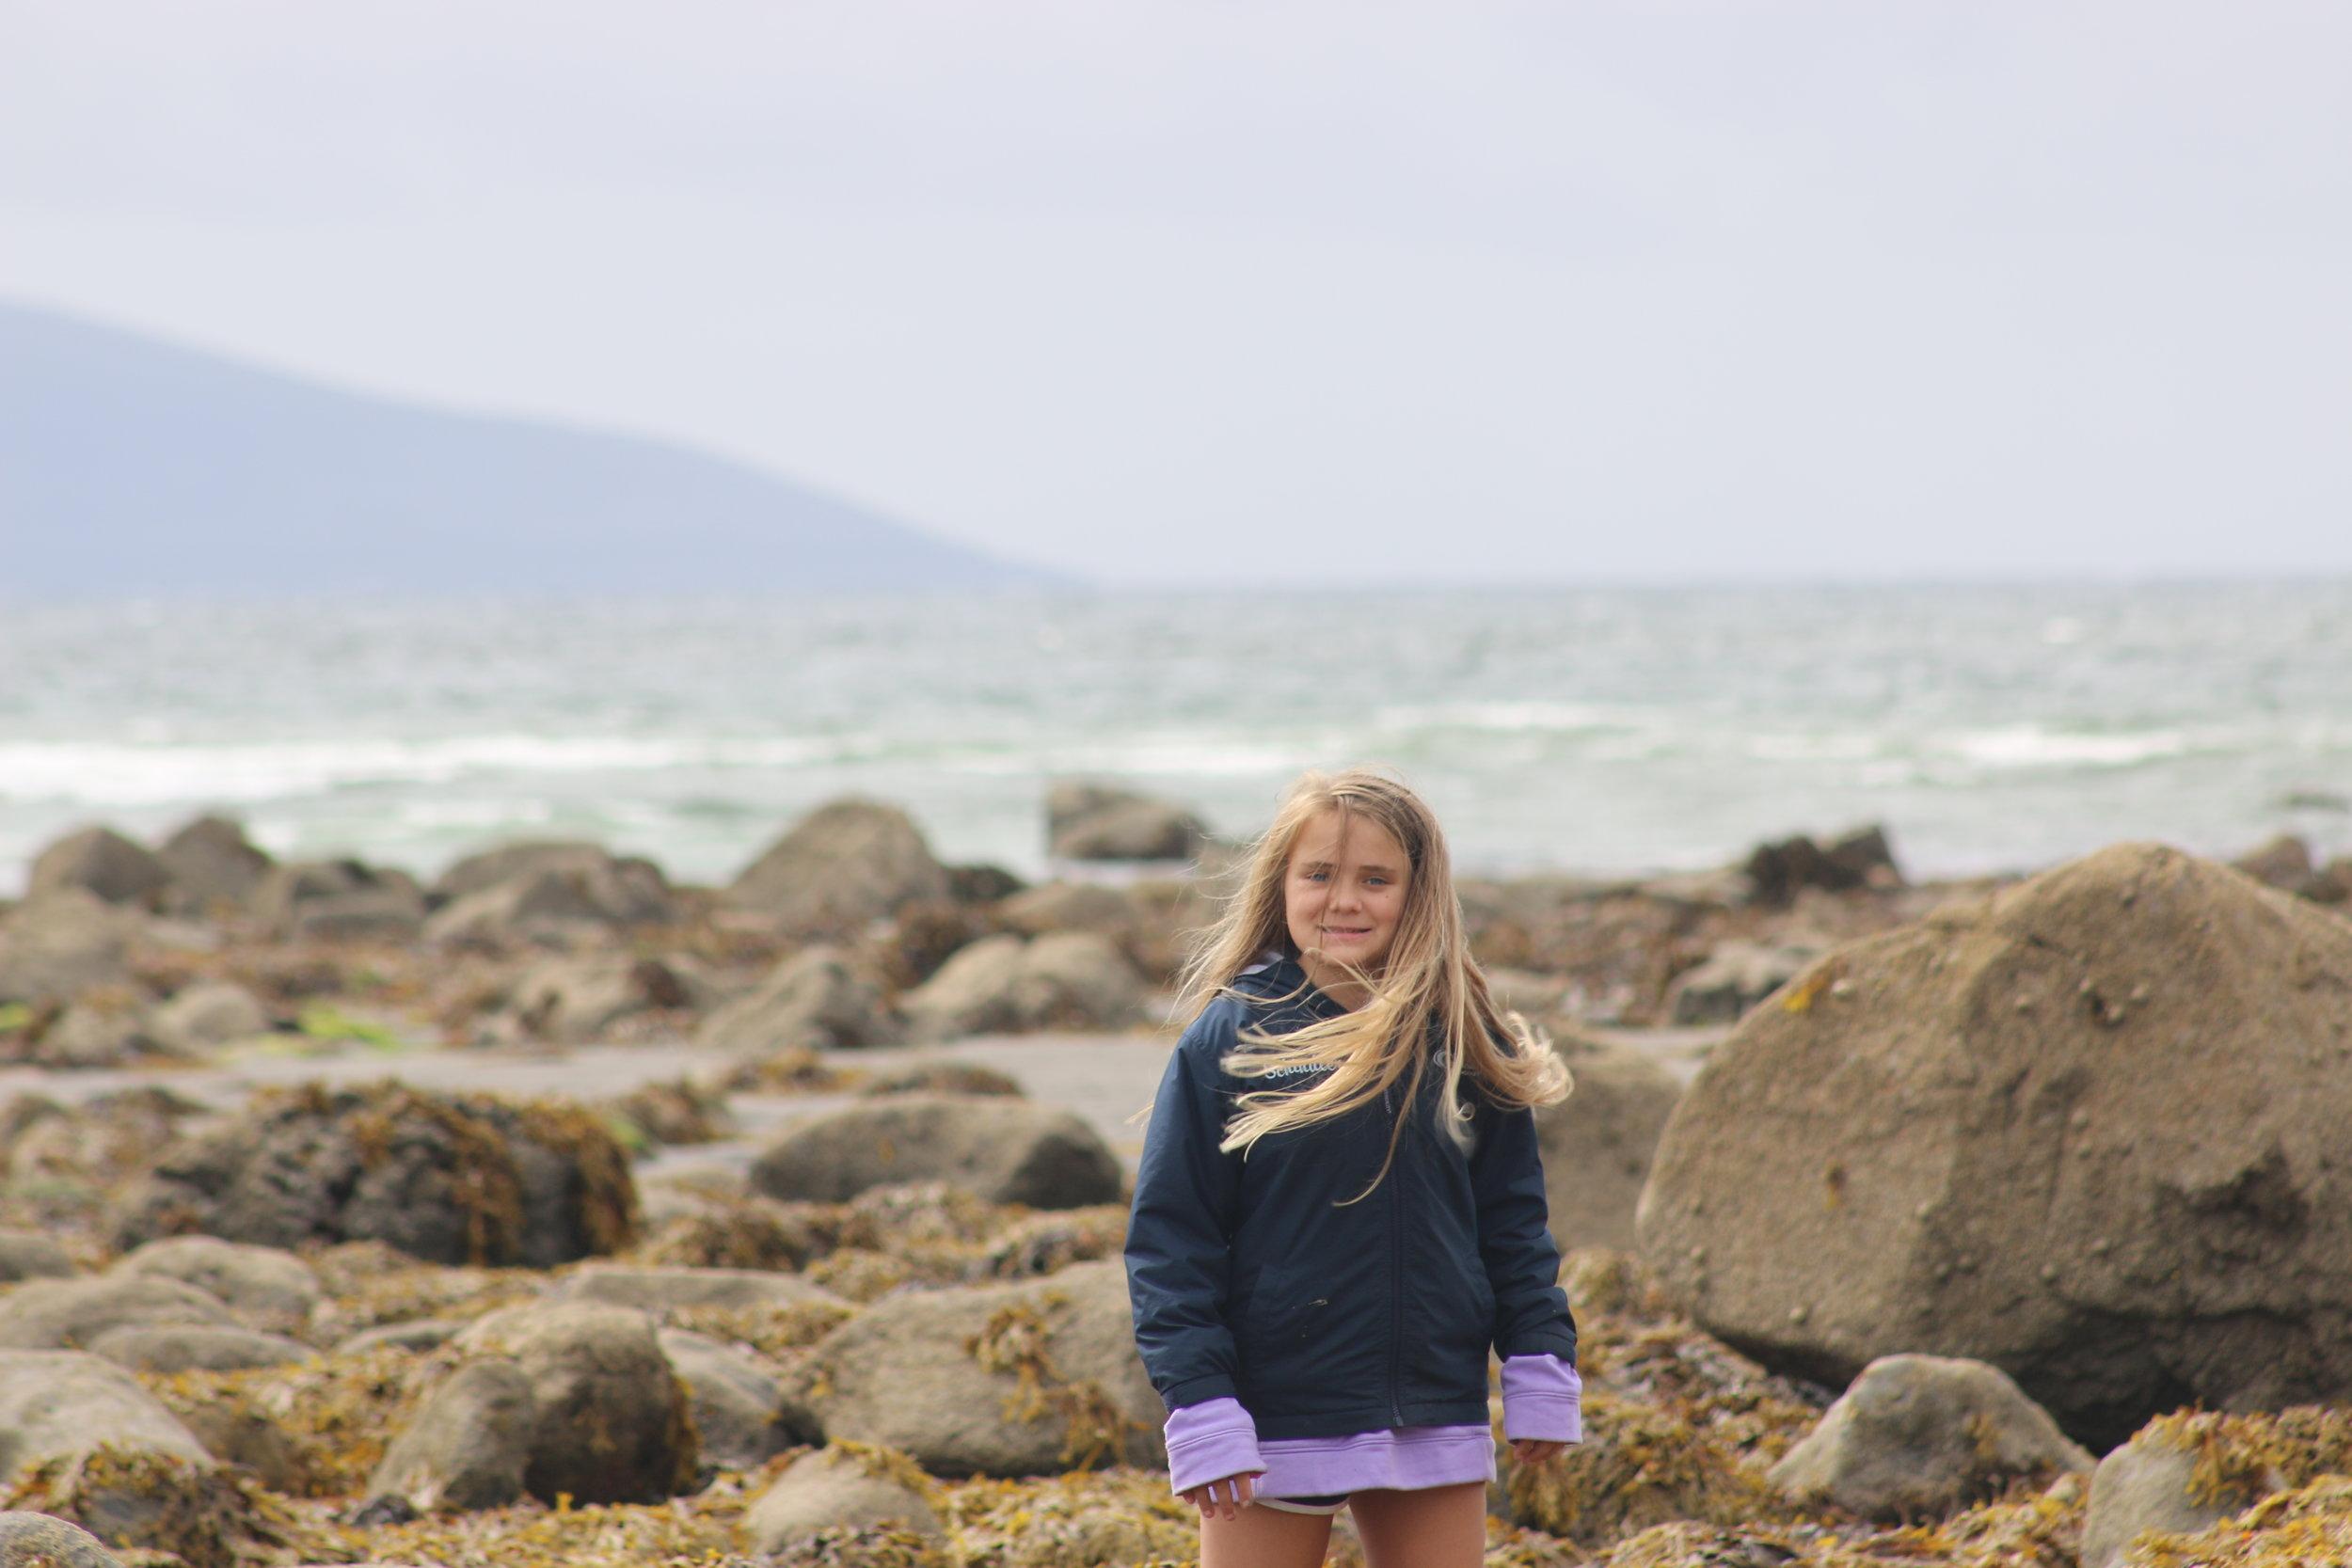 The Irish beaches are my favorite